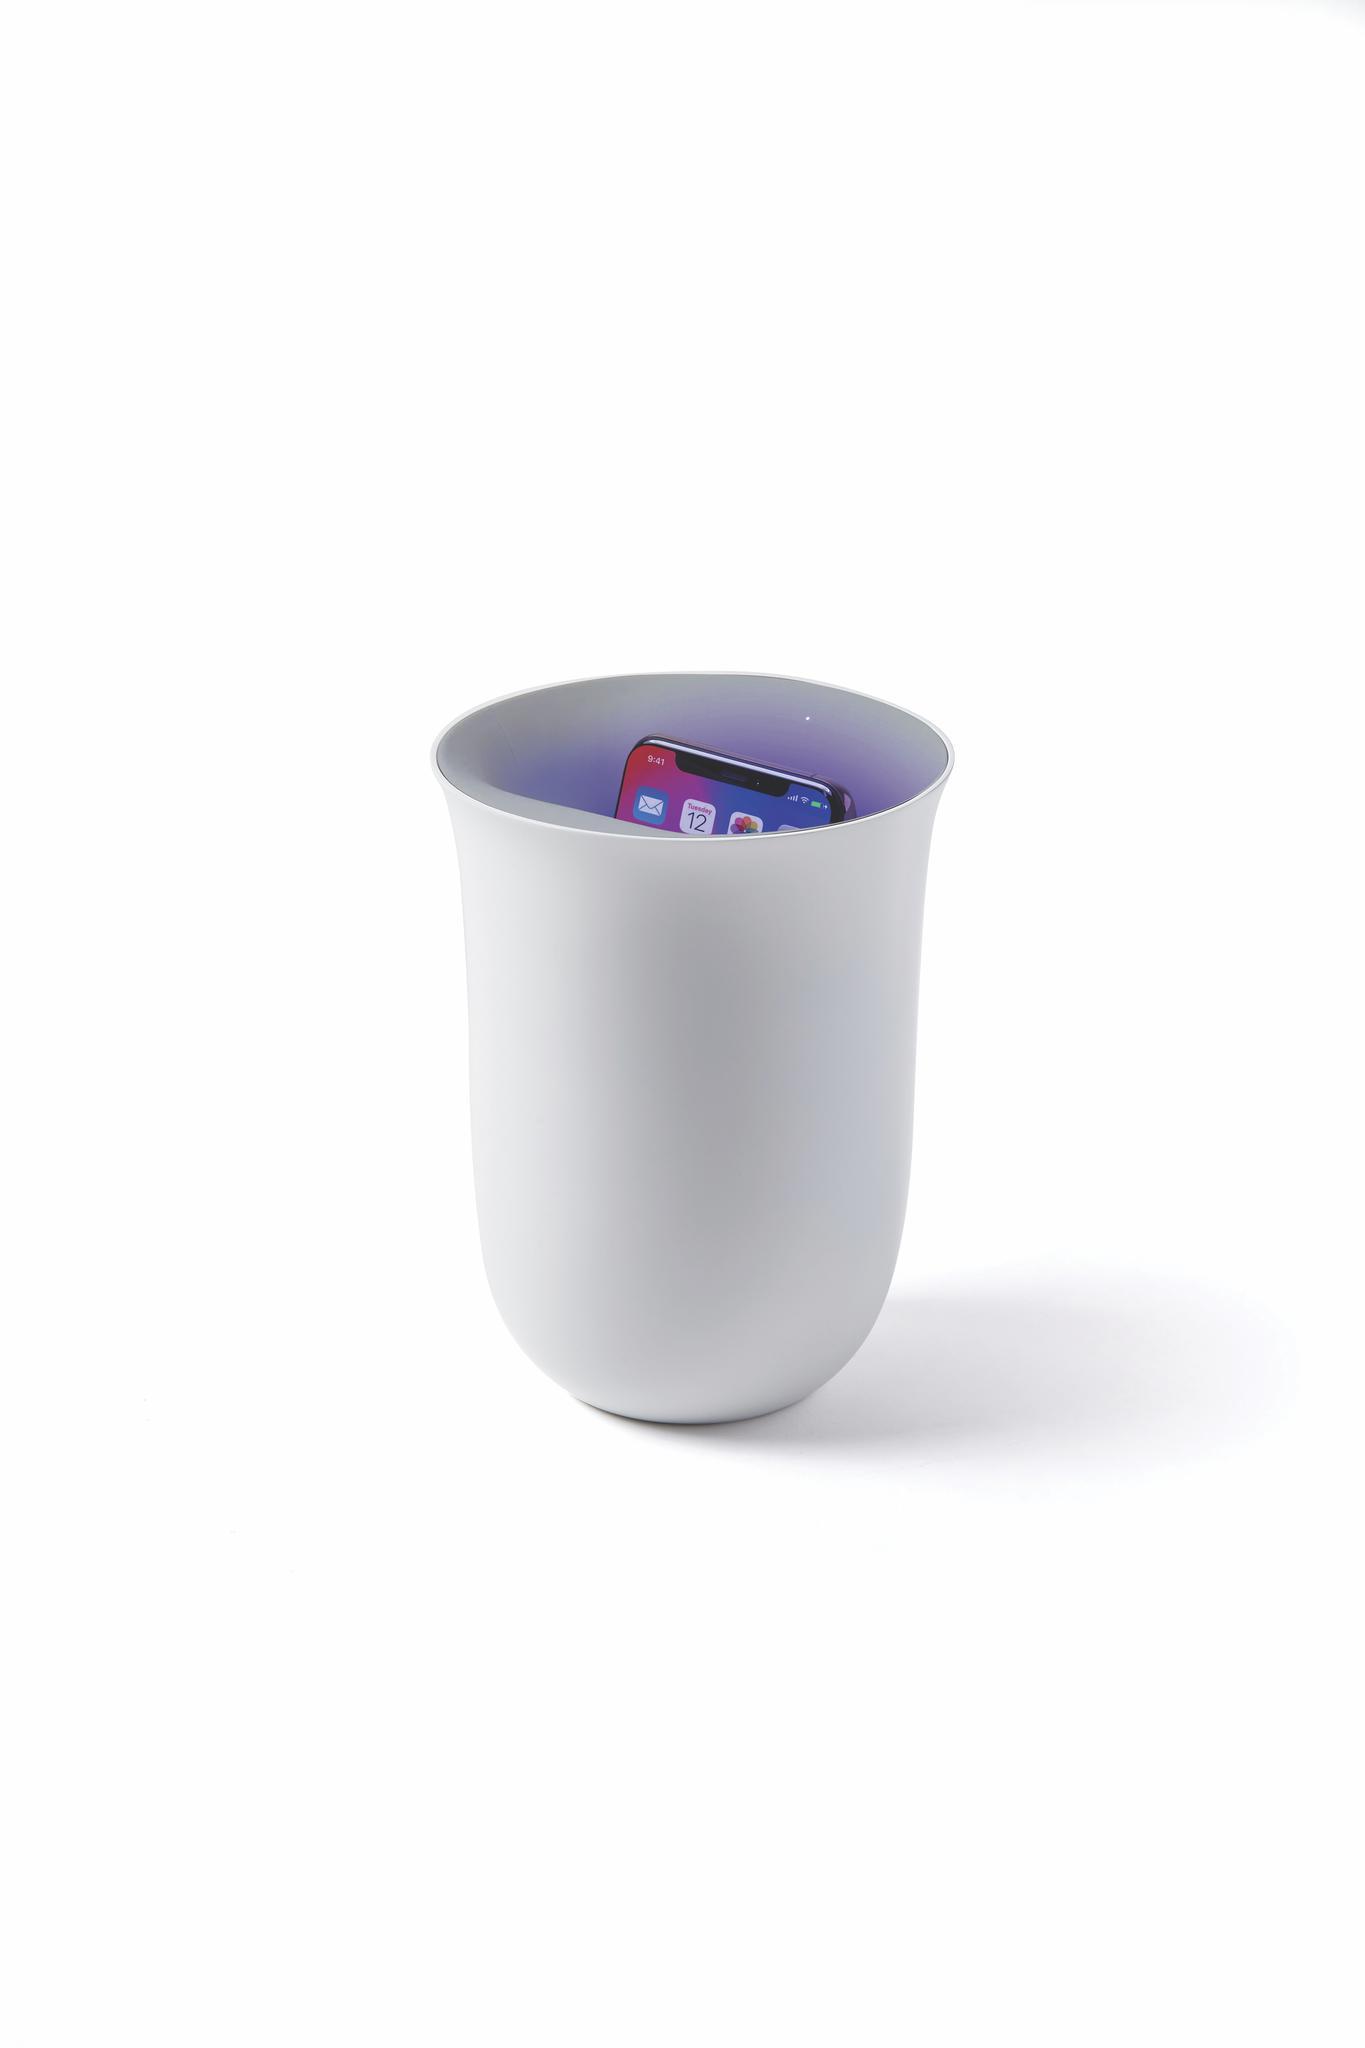 Ladestation für Smartphone, kabellos, UV-Sterilisi